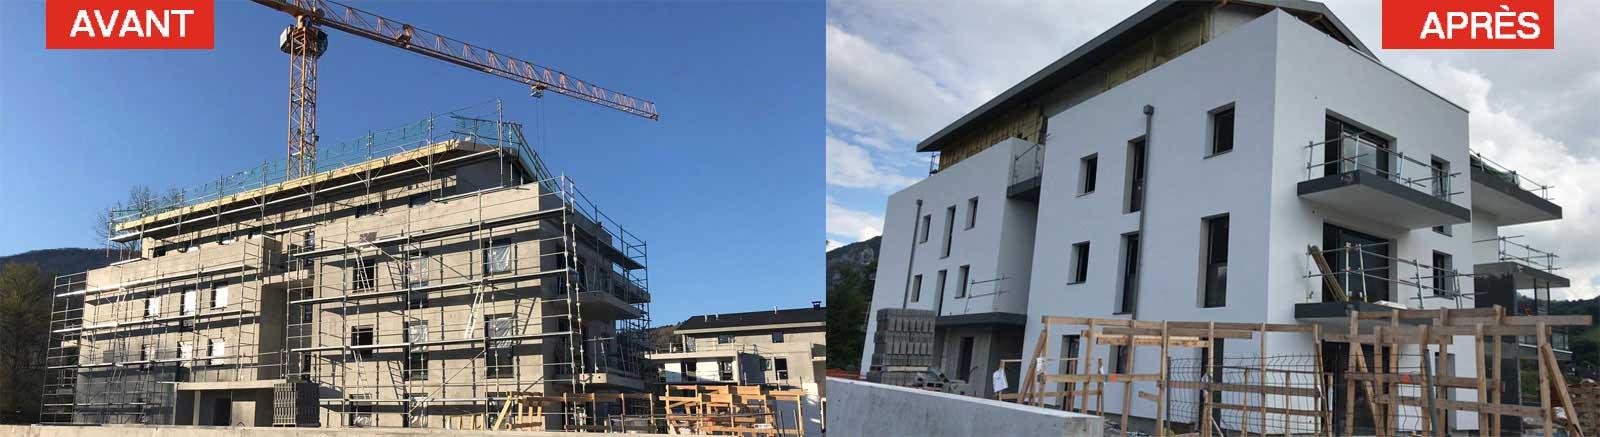 avant-apres03 ISOLATION EXTÉRIEURE à Annecy en Haute-Savoie